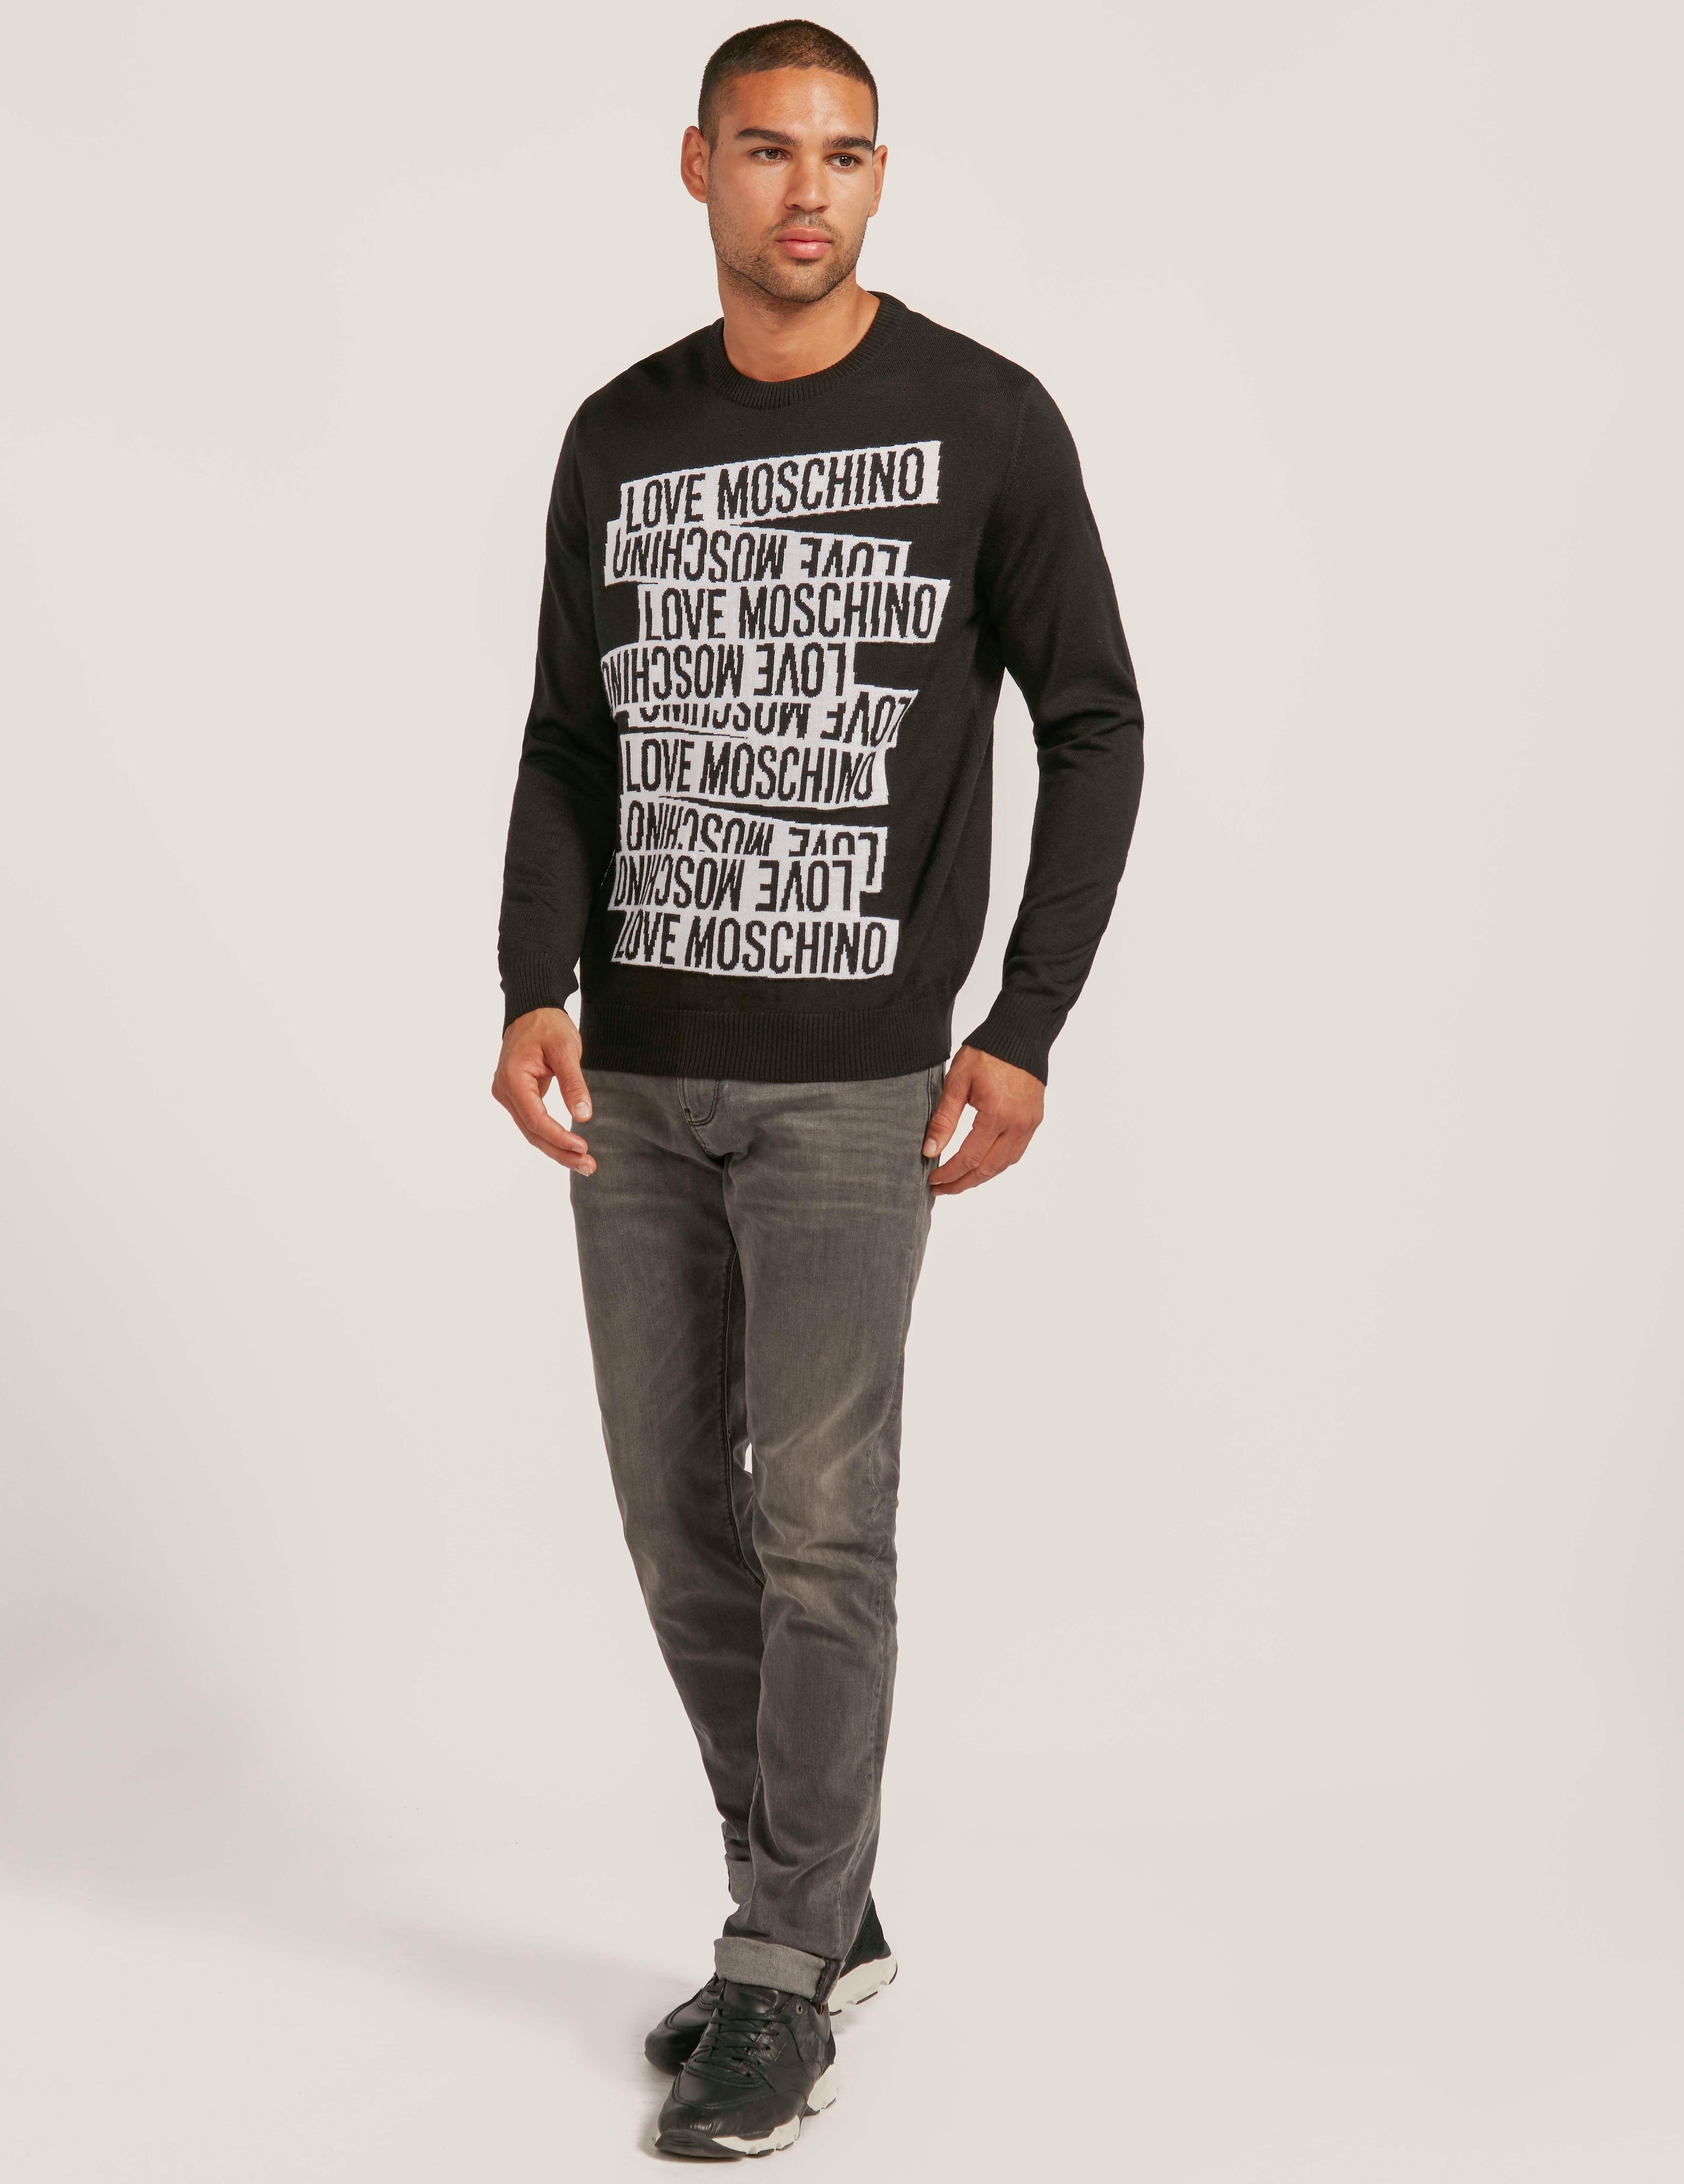 Love Moschino Banner Sweatshirt